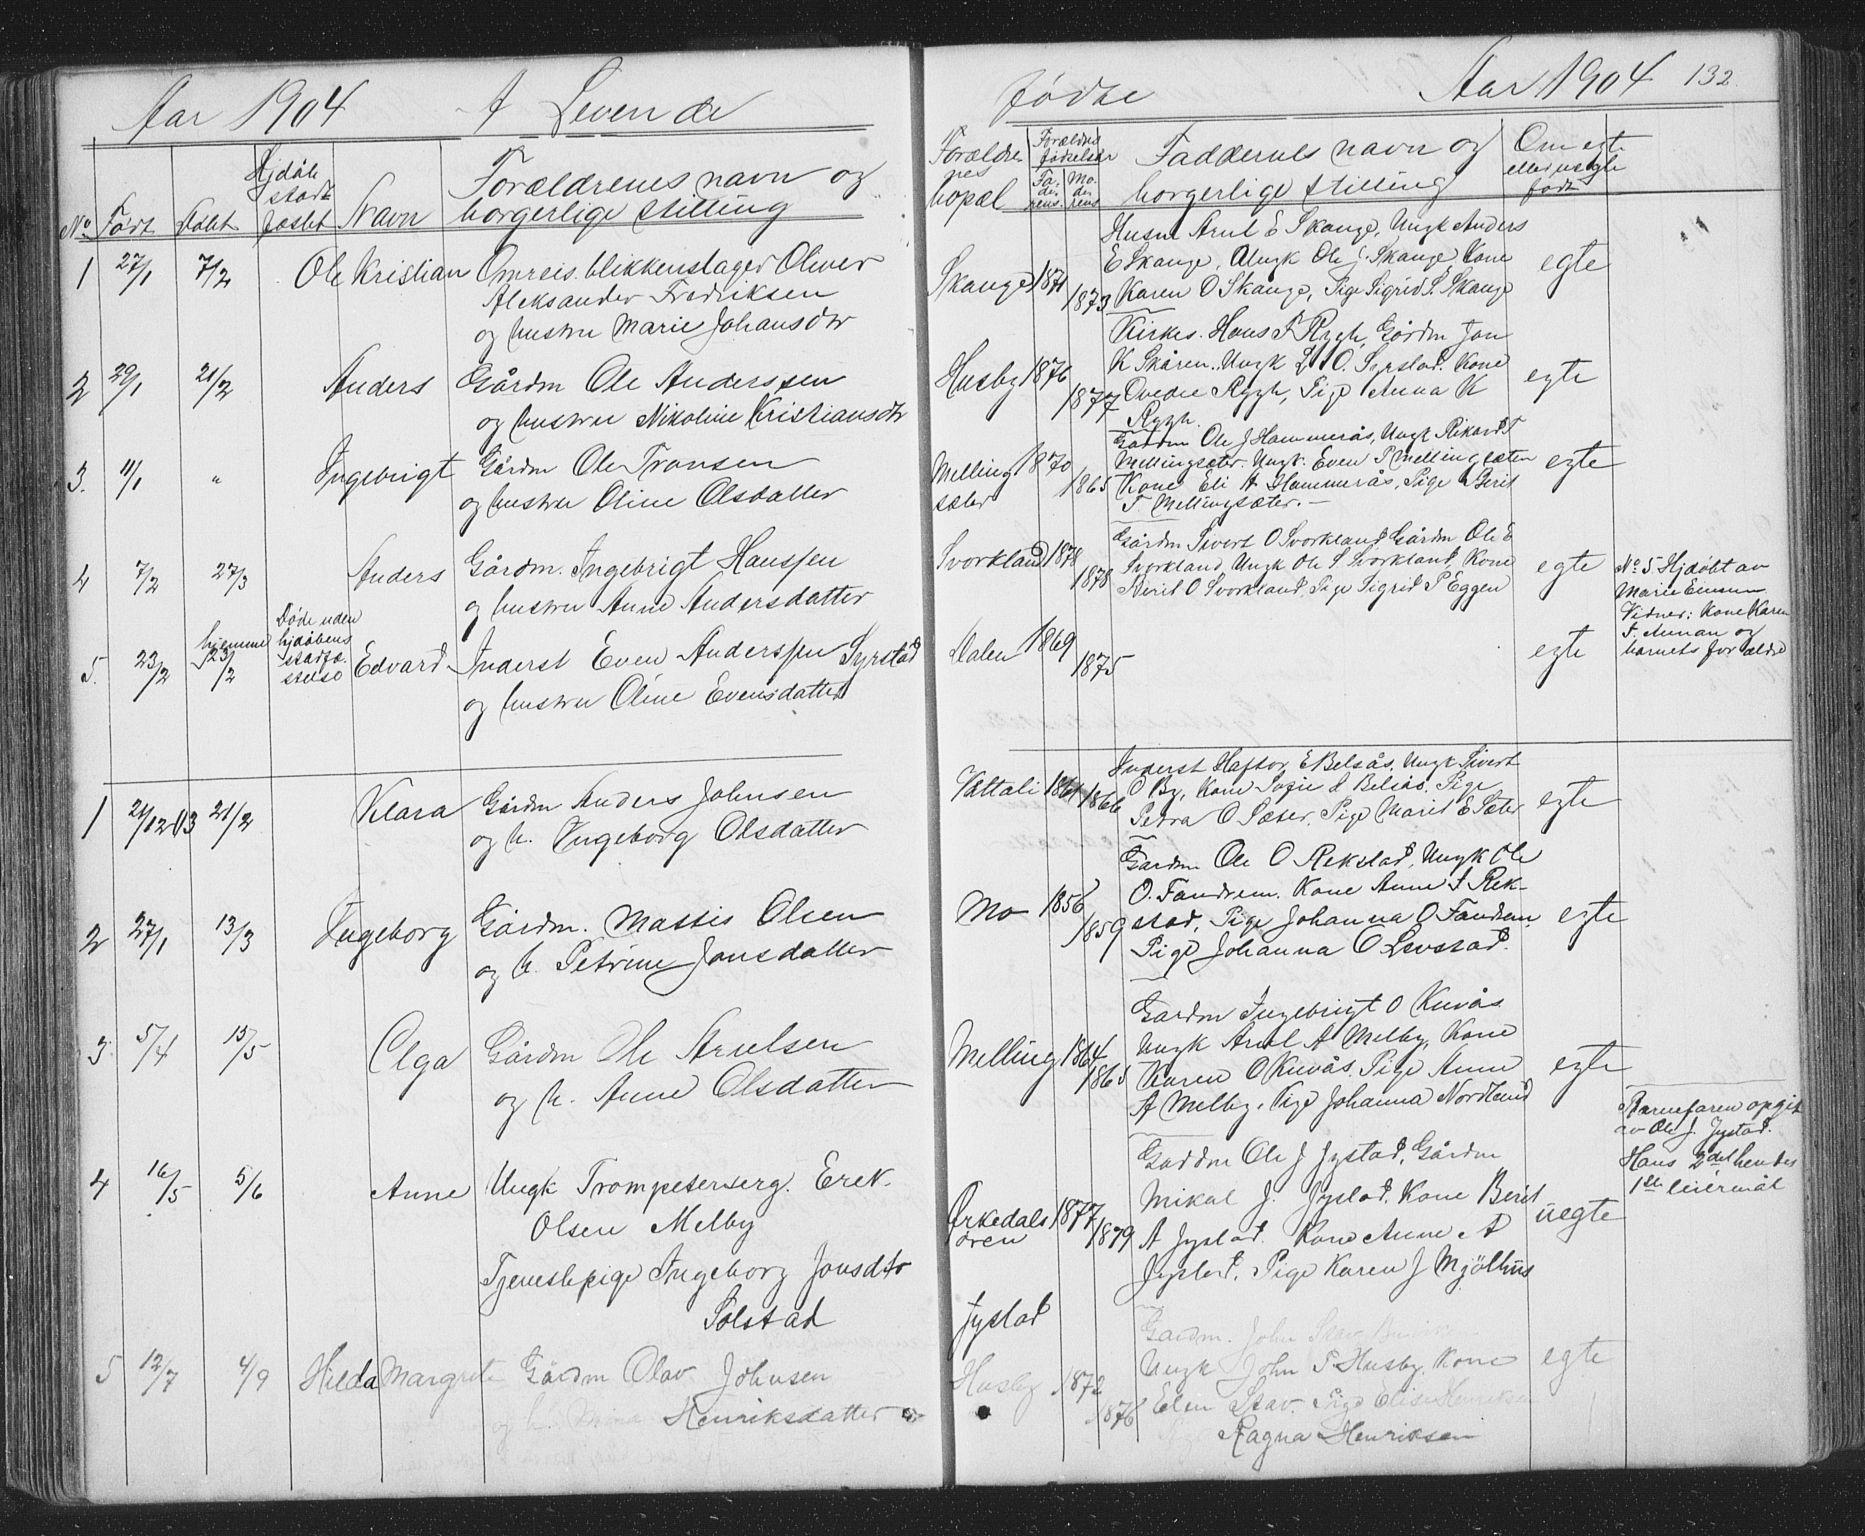 SAT, Ministerialprotokoller, klokkerbøker og fødselsregistre - Sør-Trøndelag, 667/L0798: Klokkerbok nr. 667C03, 1867-1929, s. 132